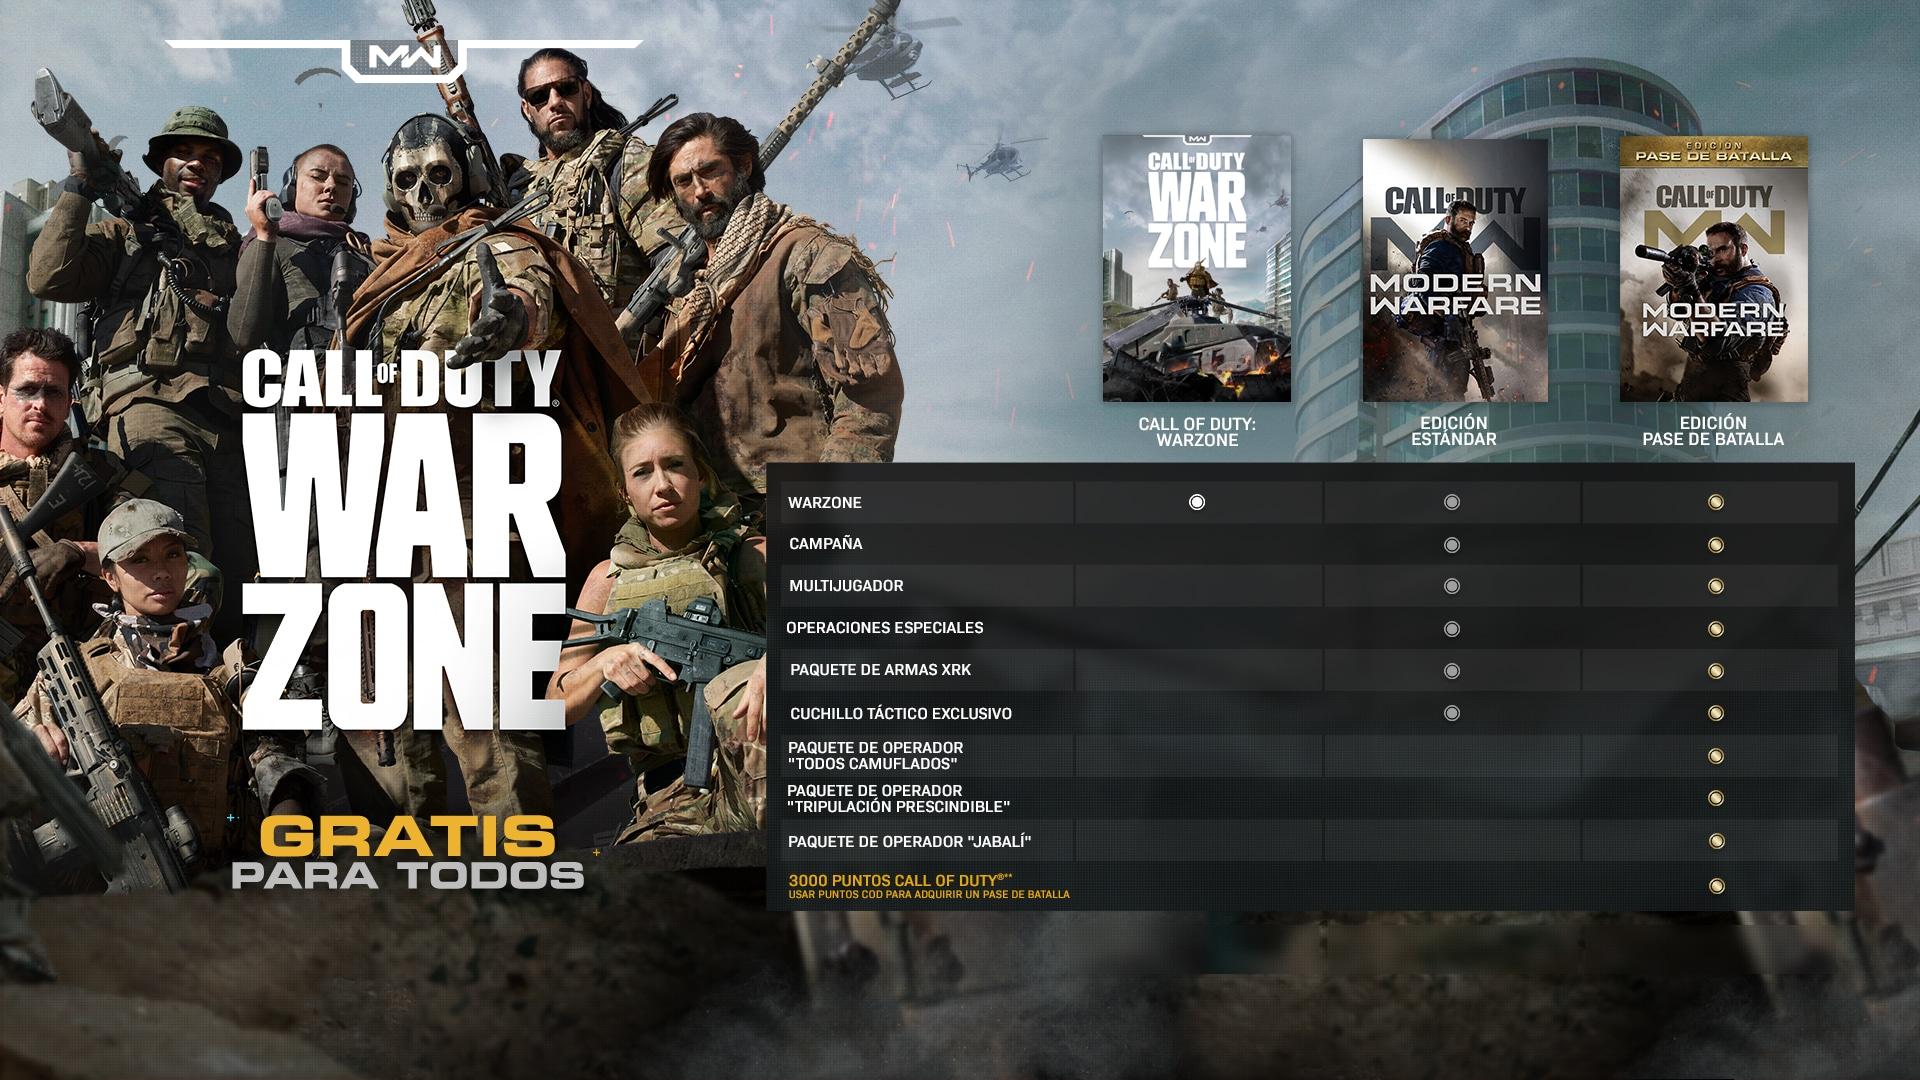 Call Of Duty Warzone Gratis Para Todos El 10 De Marzo Todas Las Noticias Noticias De Blizzard